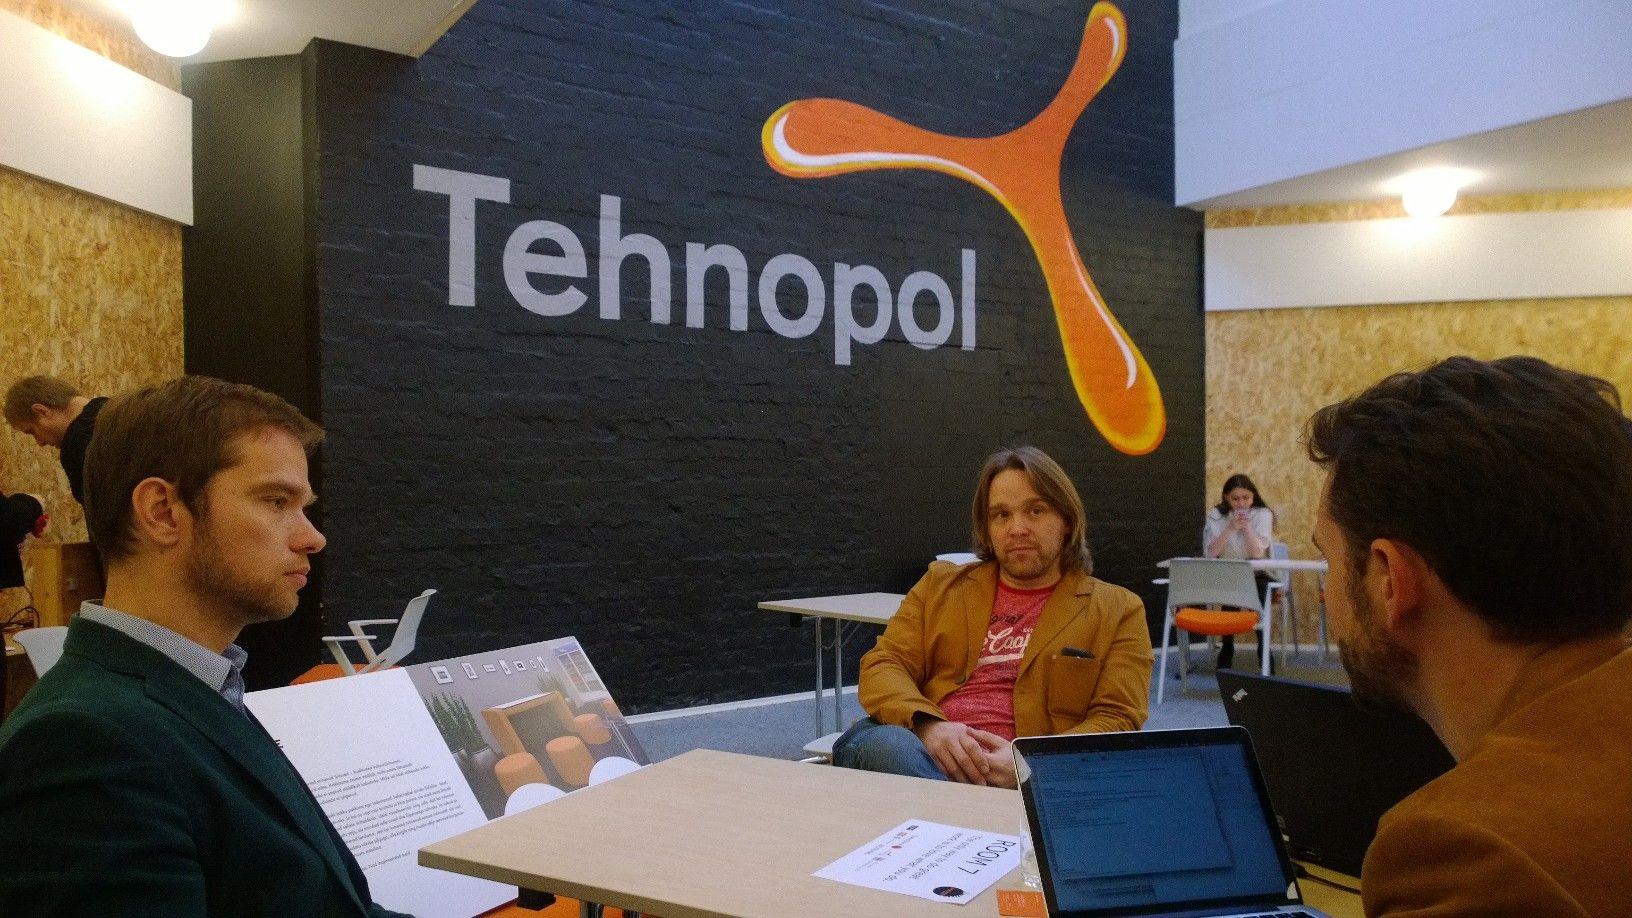 Lisatud esikümnesse jõudnud ideed! Prototroni ideekonkursi TOP10-sse valiti viis ideed Lõuna- ja Kagu-Eestist